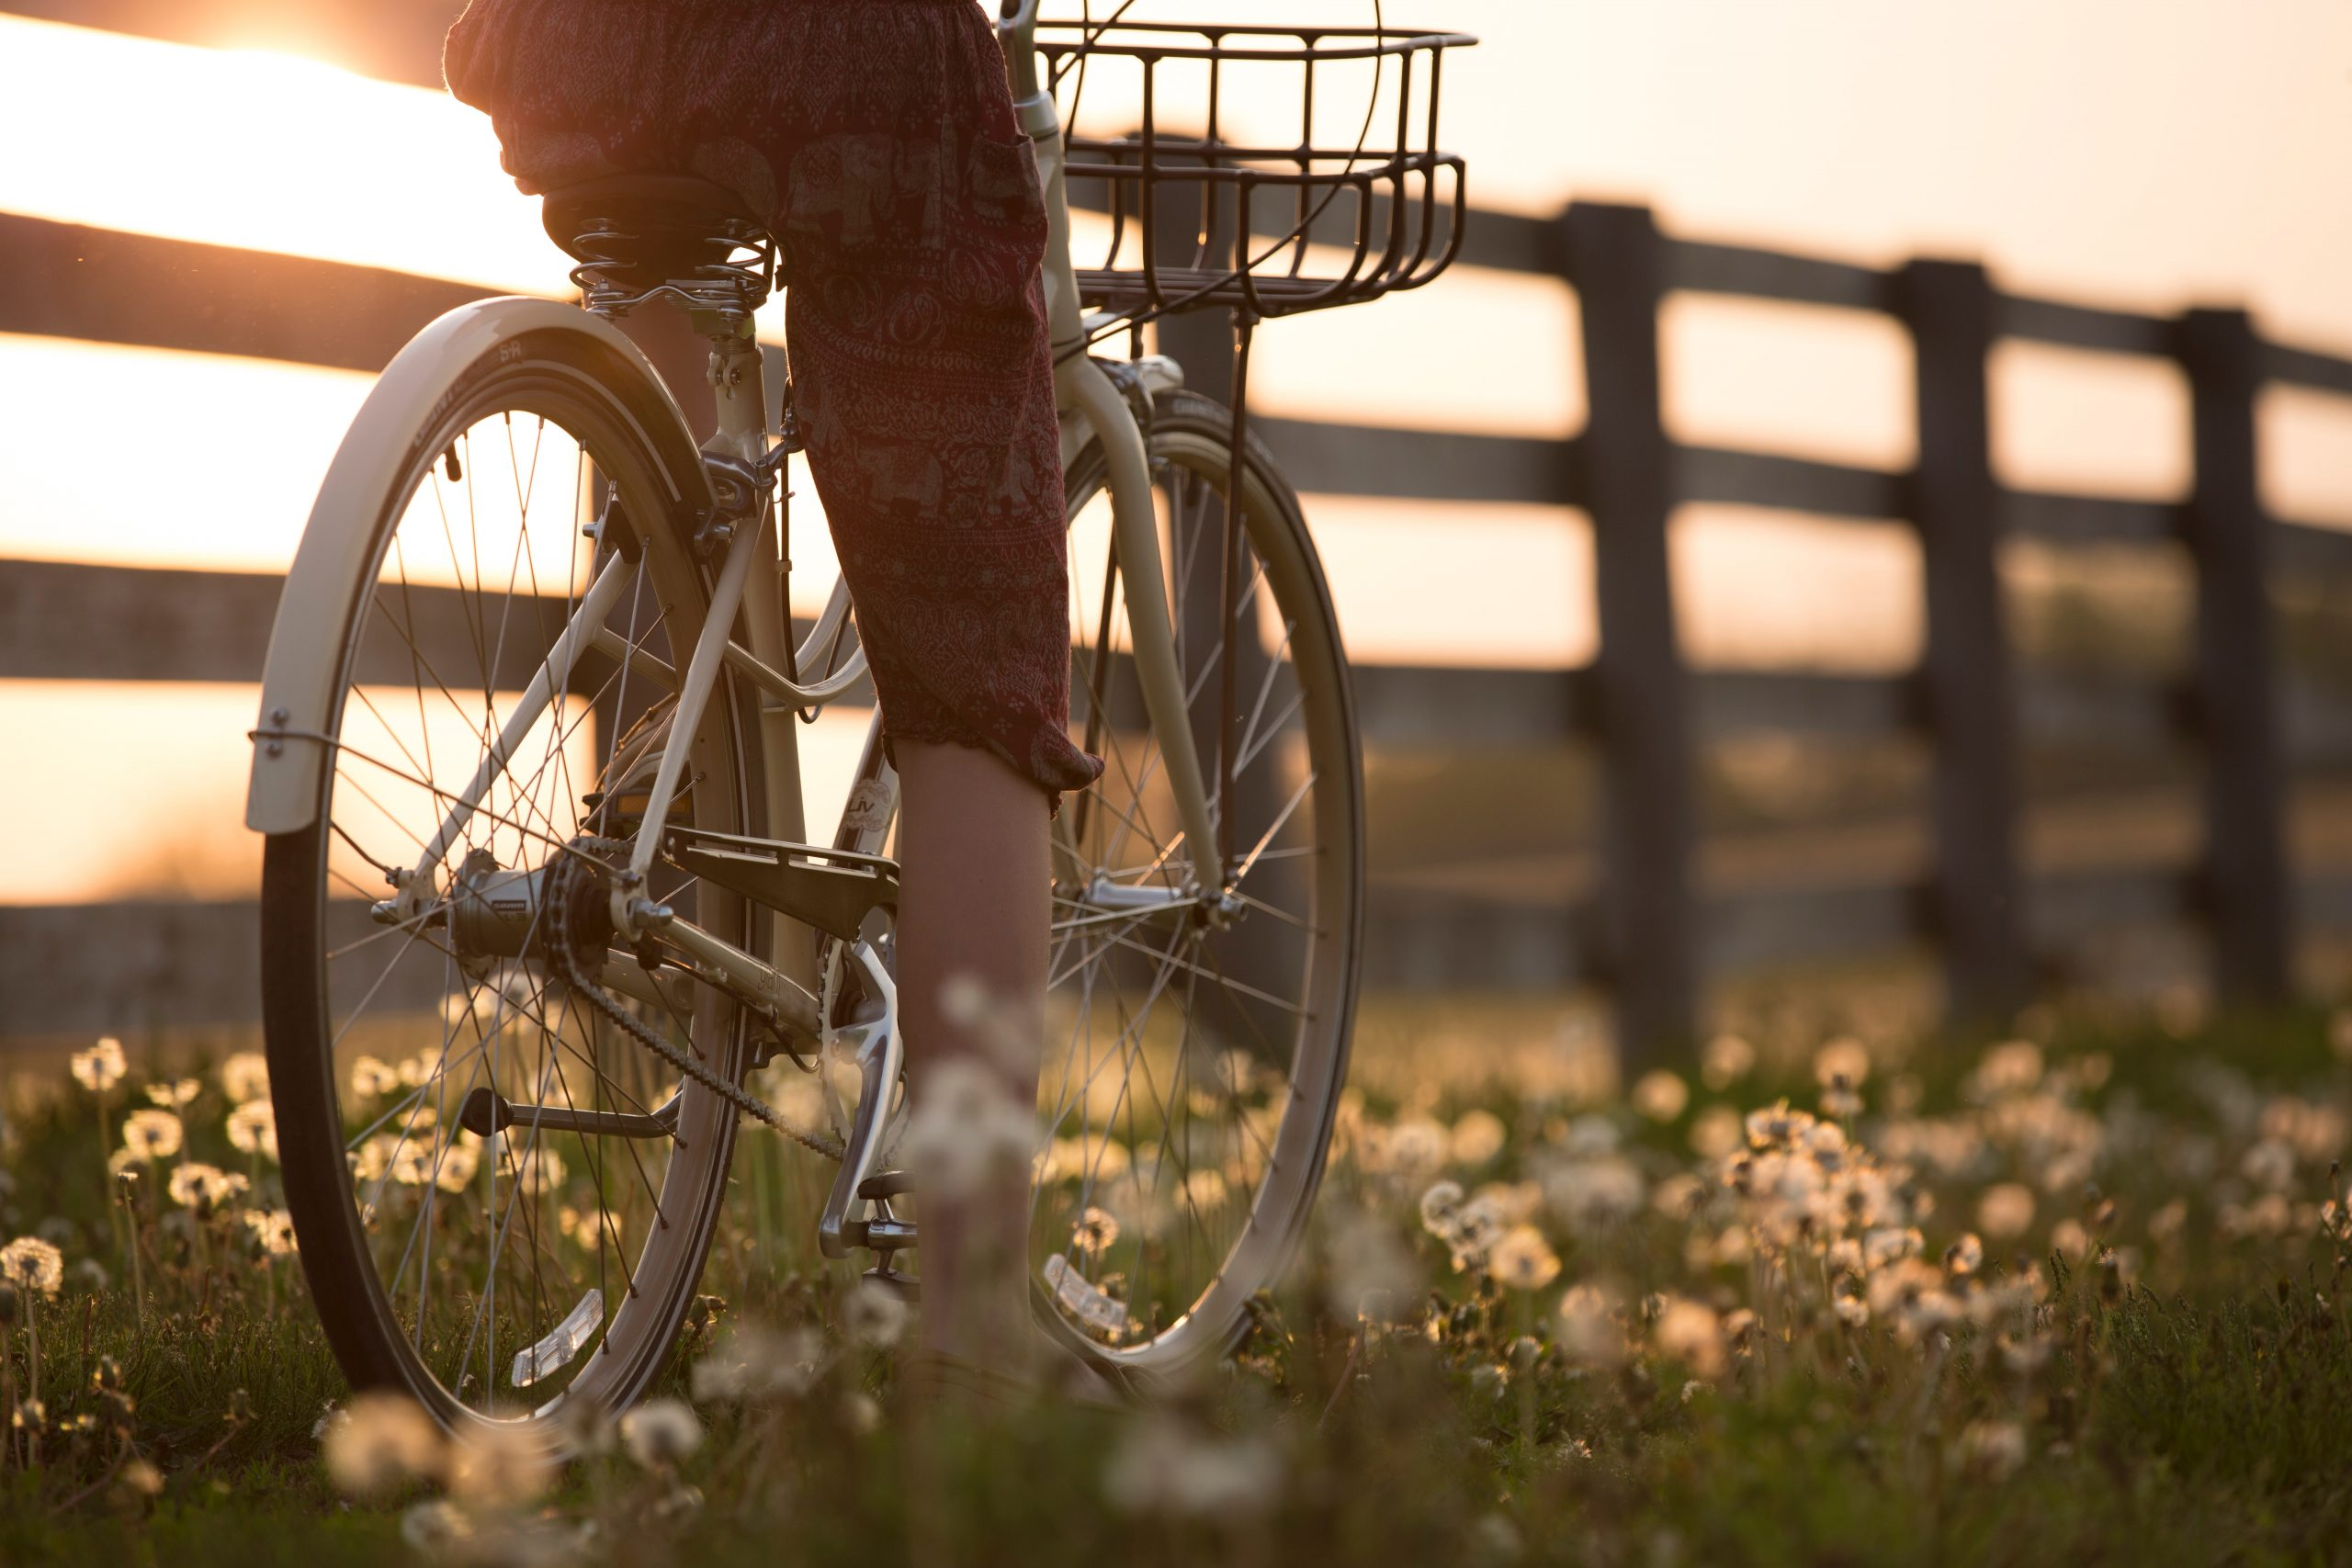 persona su bicicletta appoggiata a steccato